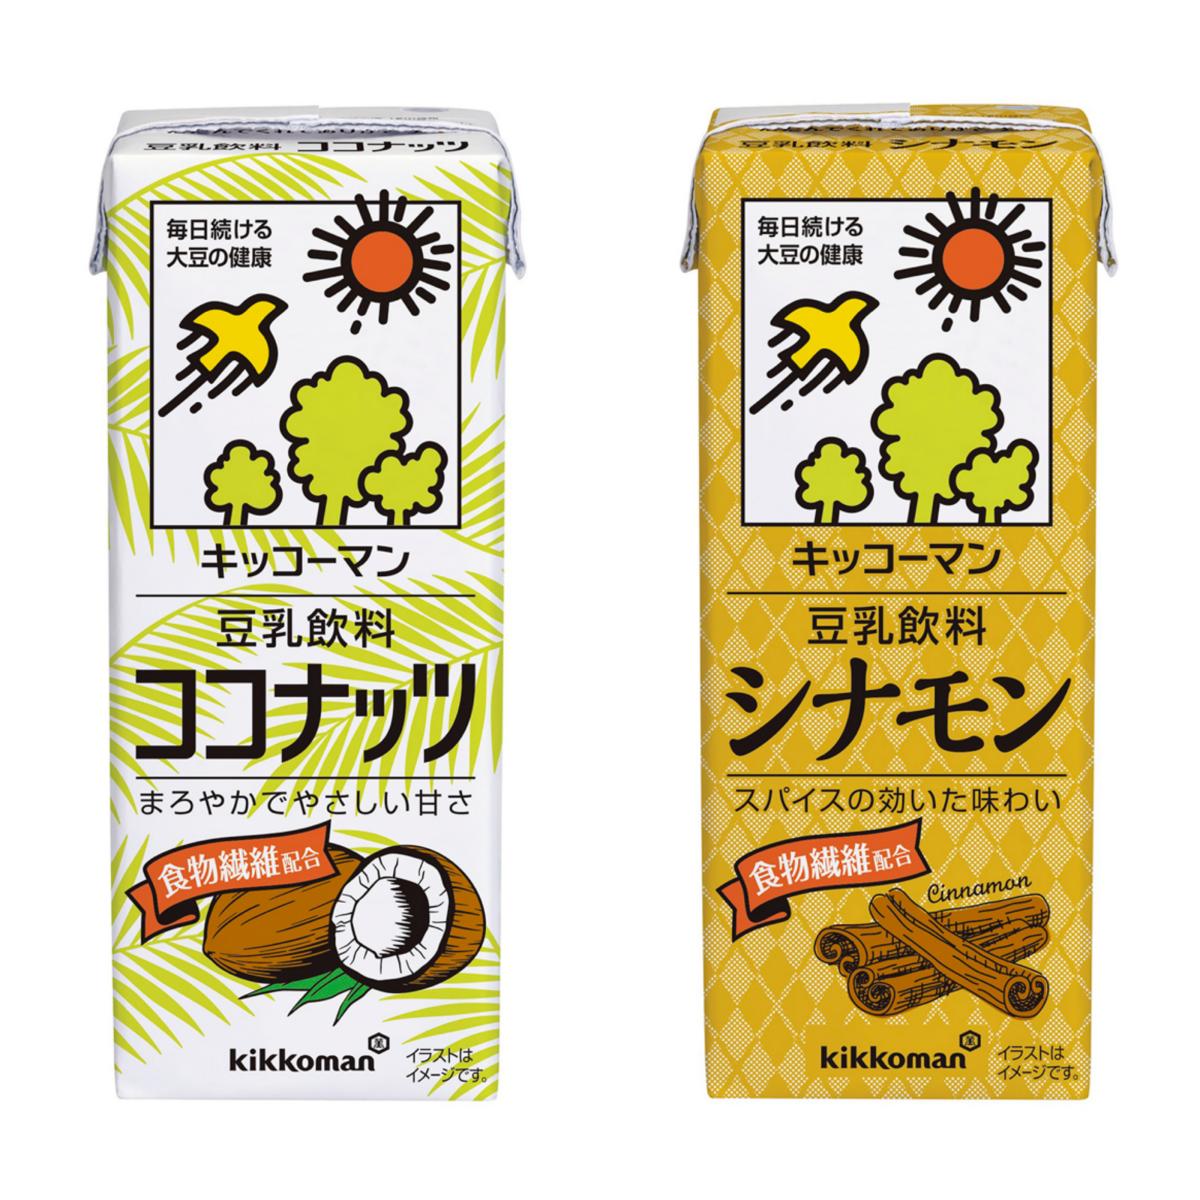 チョコミン党集合☆「キッコーマン 豆乳飲料」からついにチョコミントが登場したぞ〜〜!!!_2